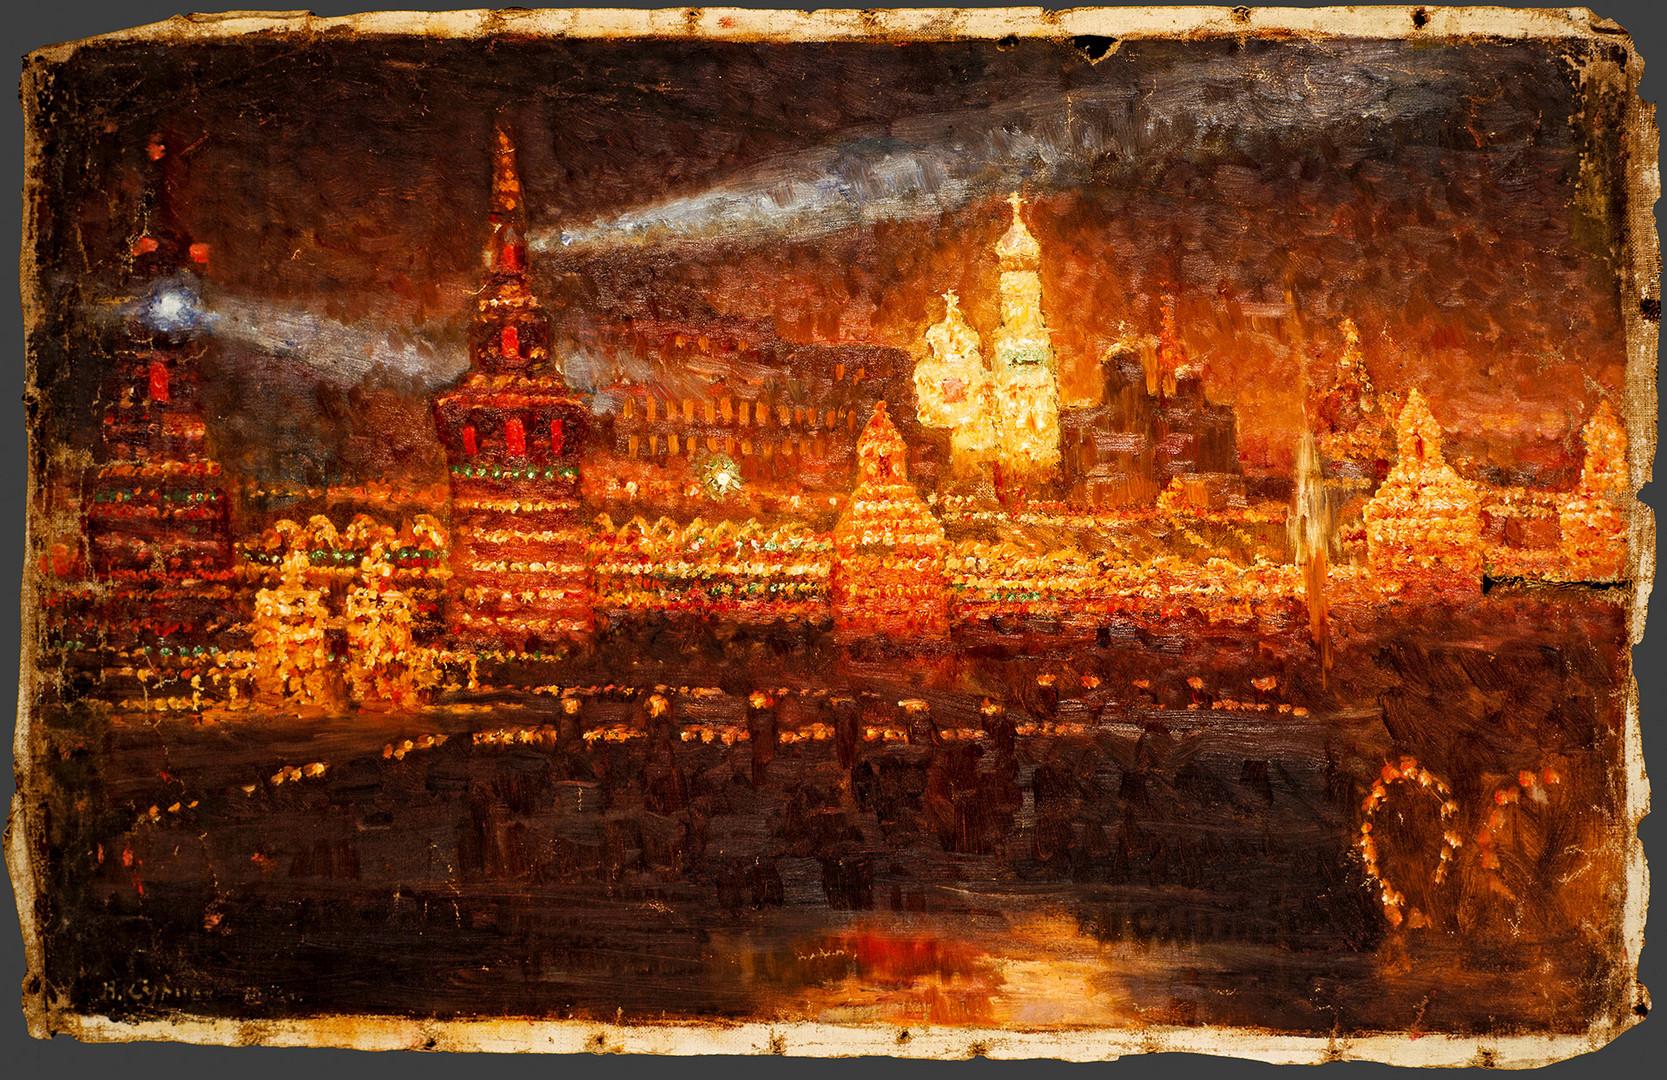 Vasily Surikov. Illumination of the Moscow Kremlin. 1883.